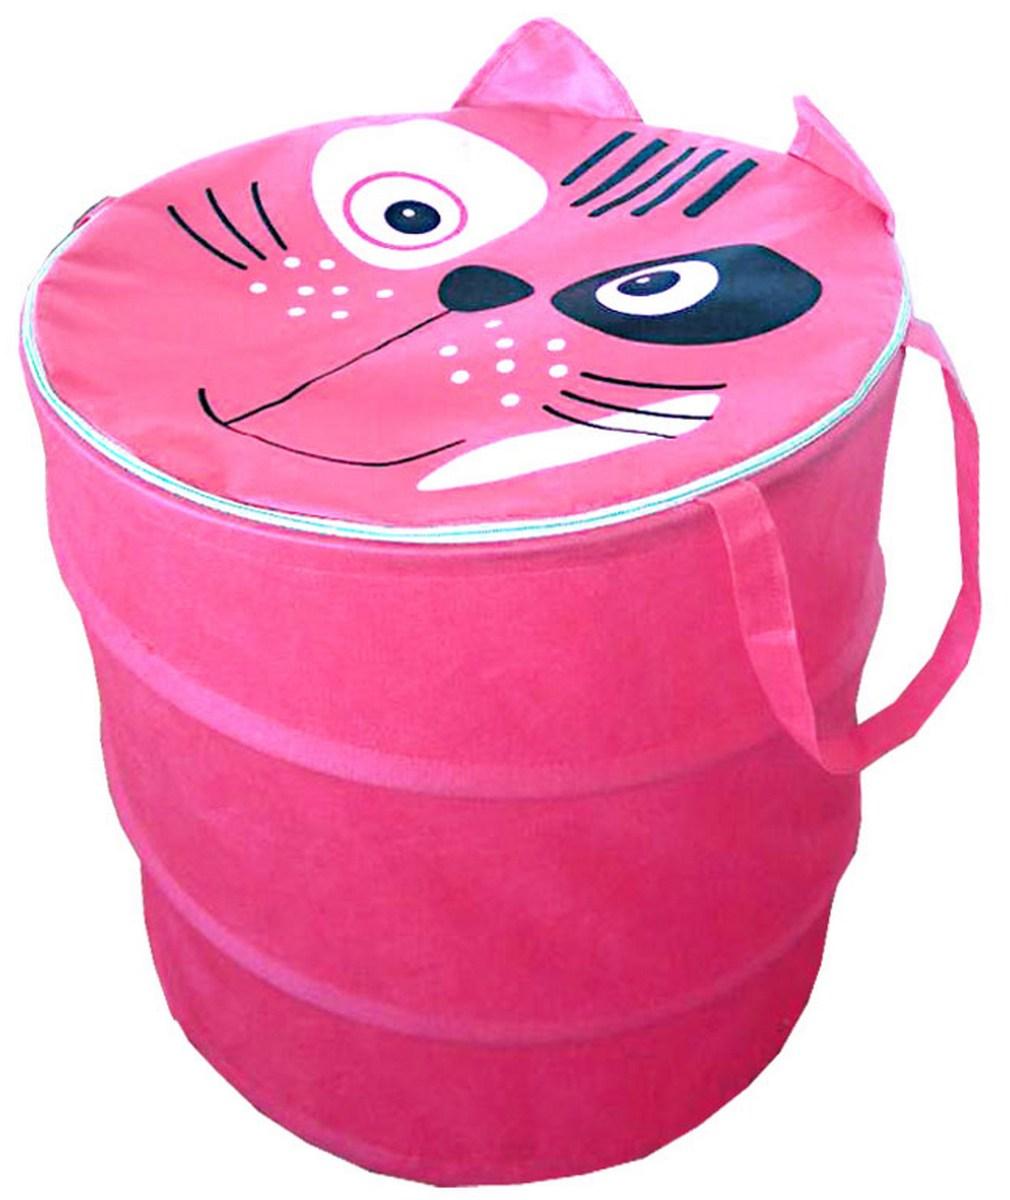 Корзина для игрушек «Кот» 249015